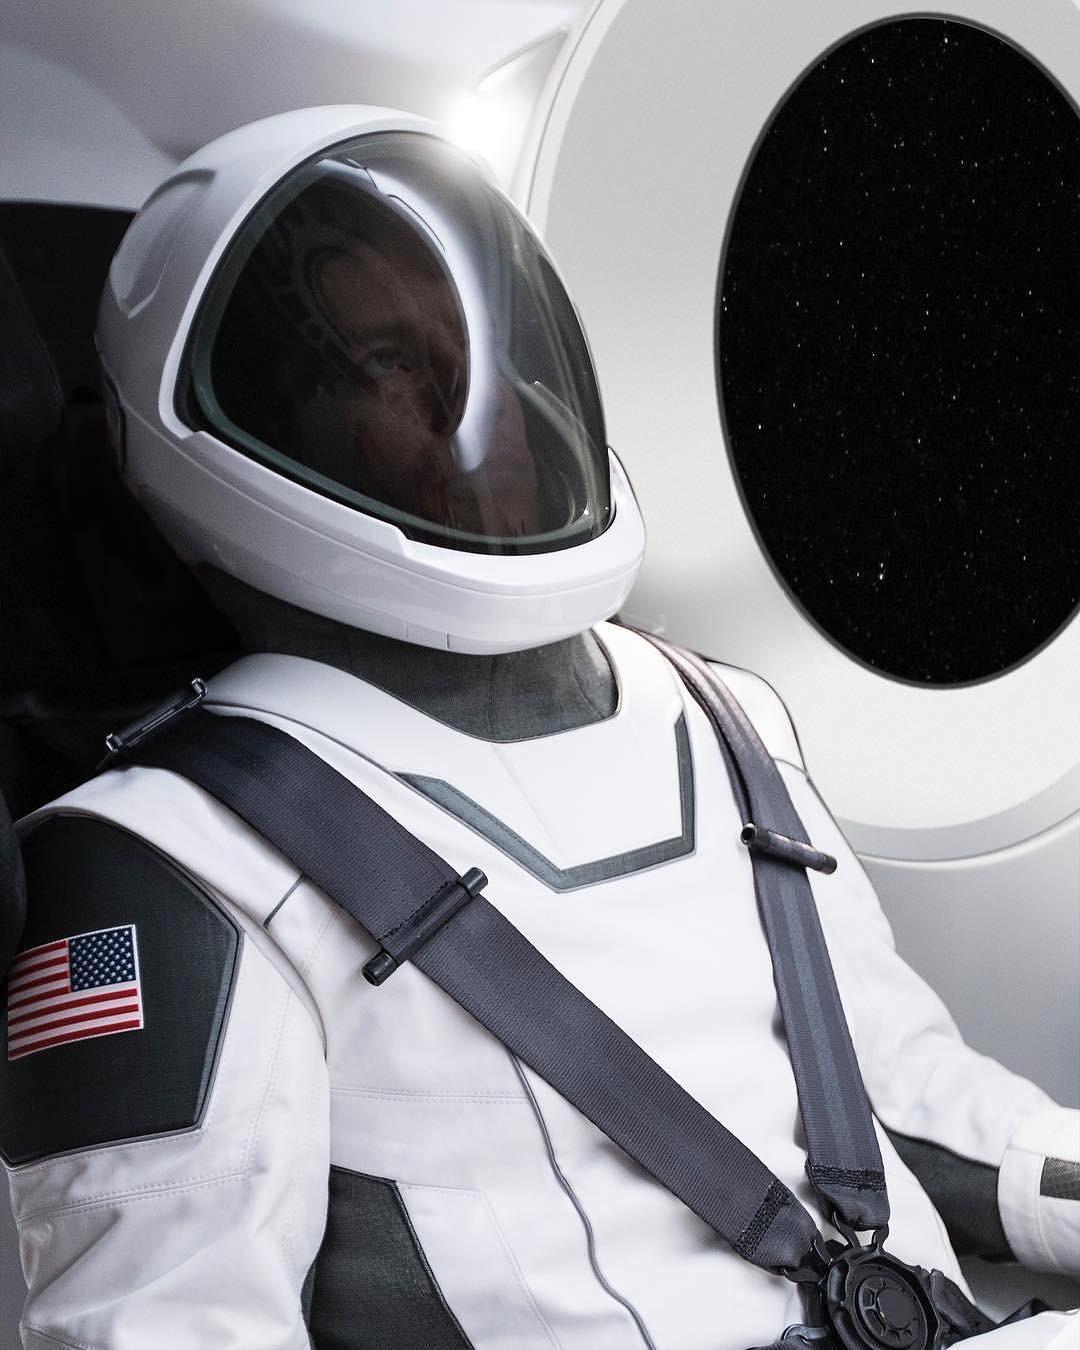 Traje da SpaceX (Foto: Reprodução/Instagram)